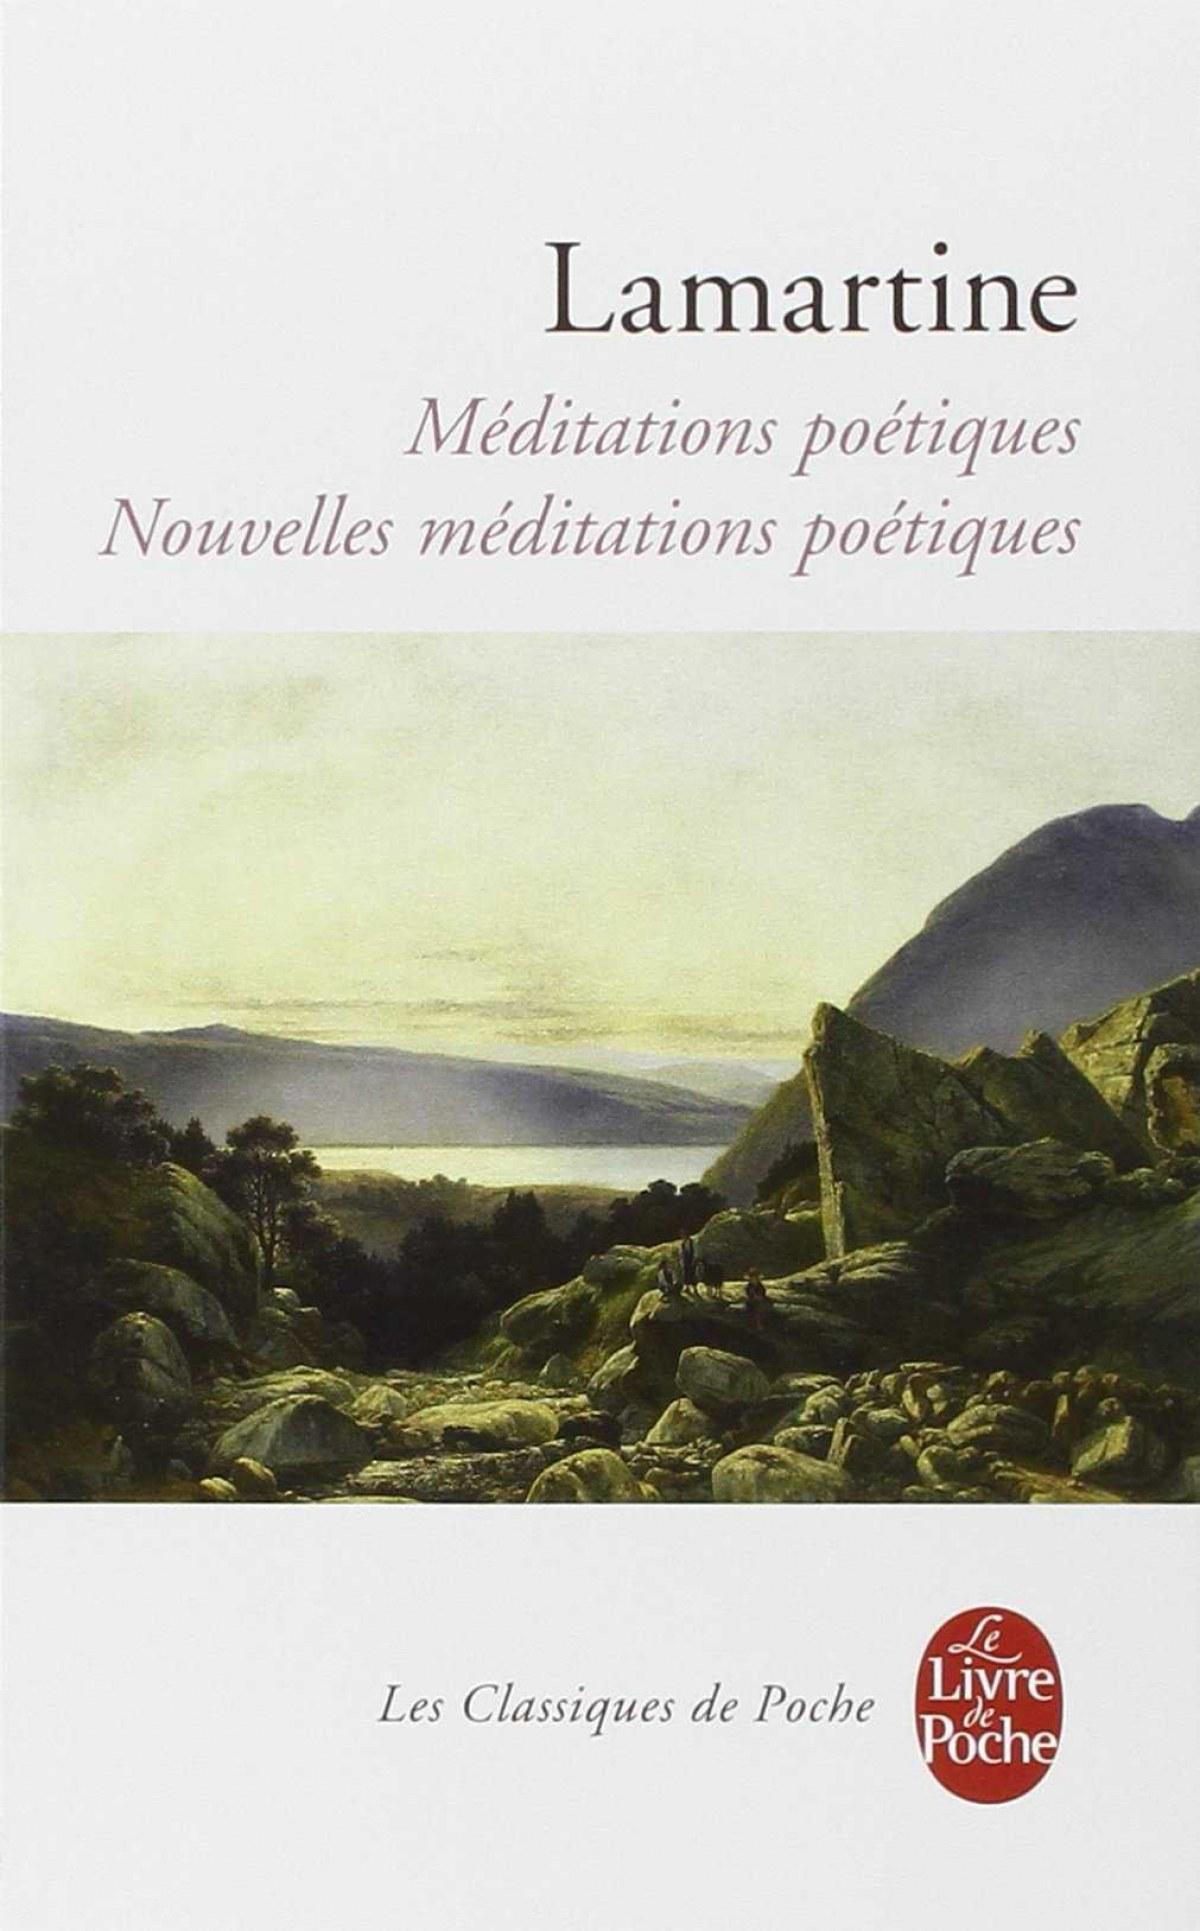 Méditations poétiques - Nouvelles Méditations poétiques